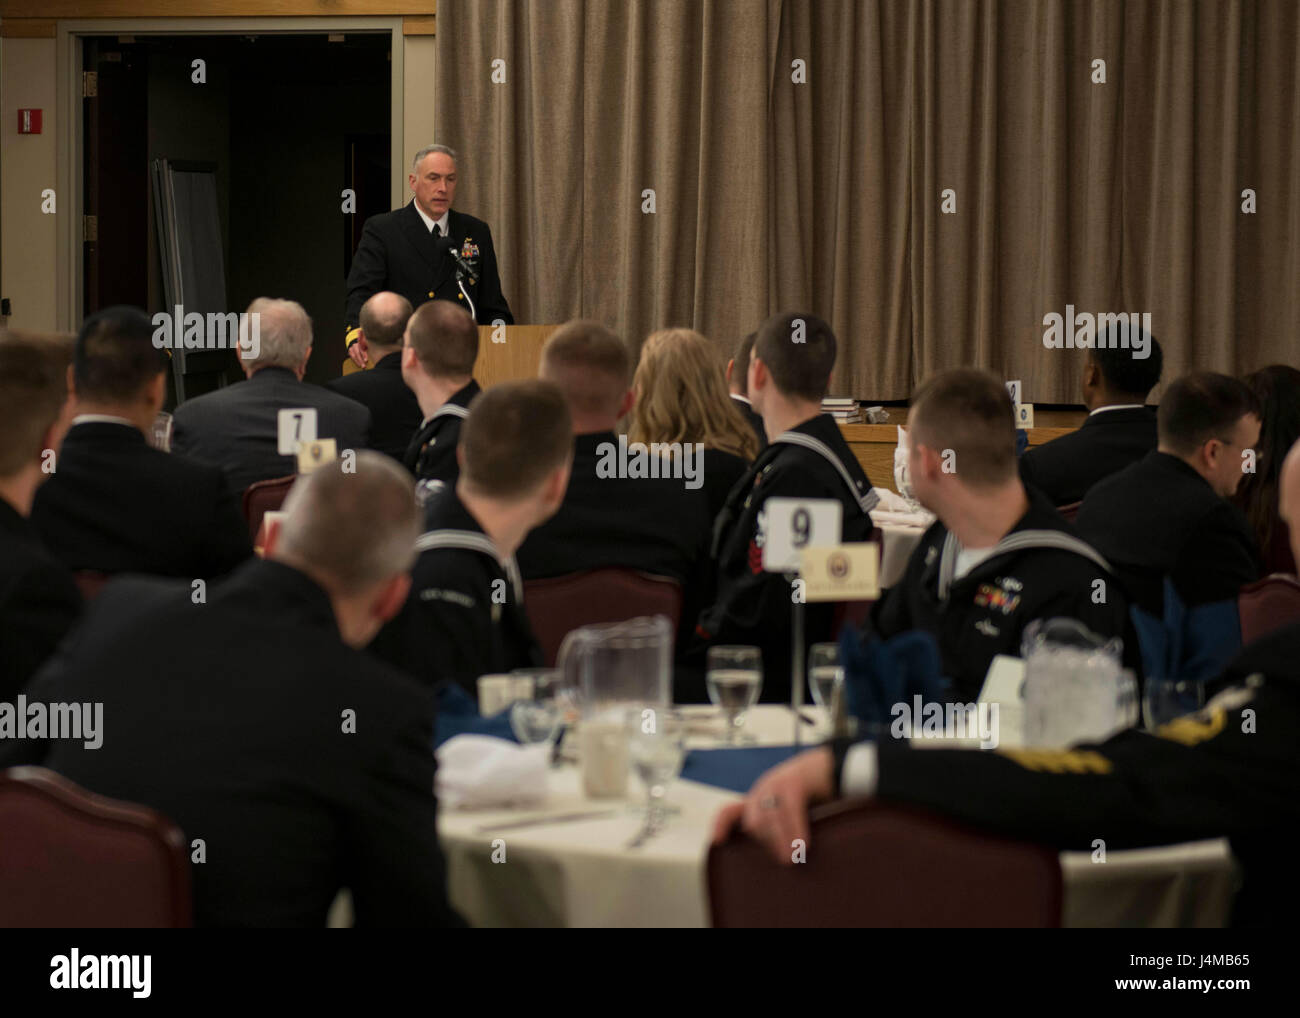 BANGOR, Washington (Ene. 17, 2017) Rear Adm. John Tammen, comandante de grupo (COMSUBGRU Submarino) 9, da comentarios Imagen De Stock